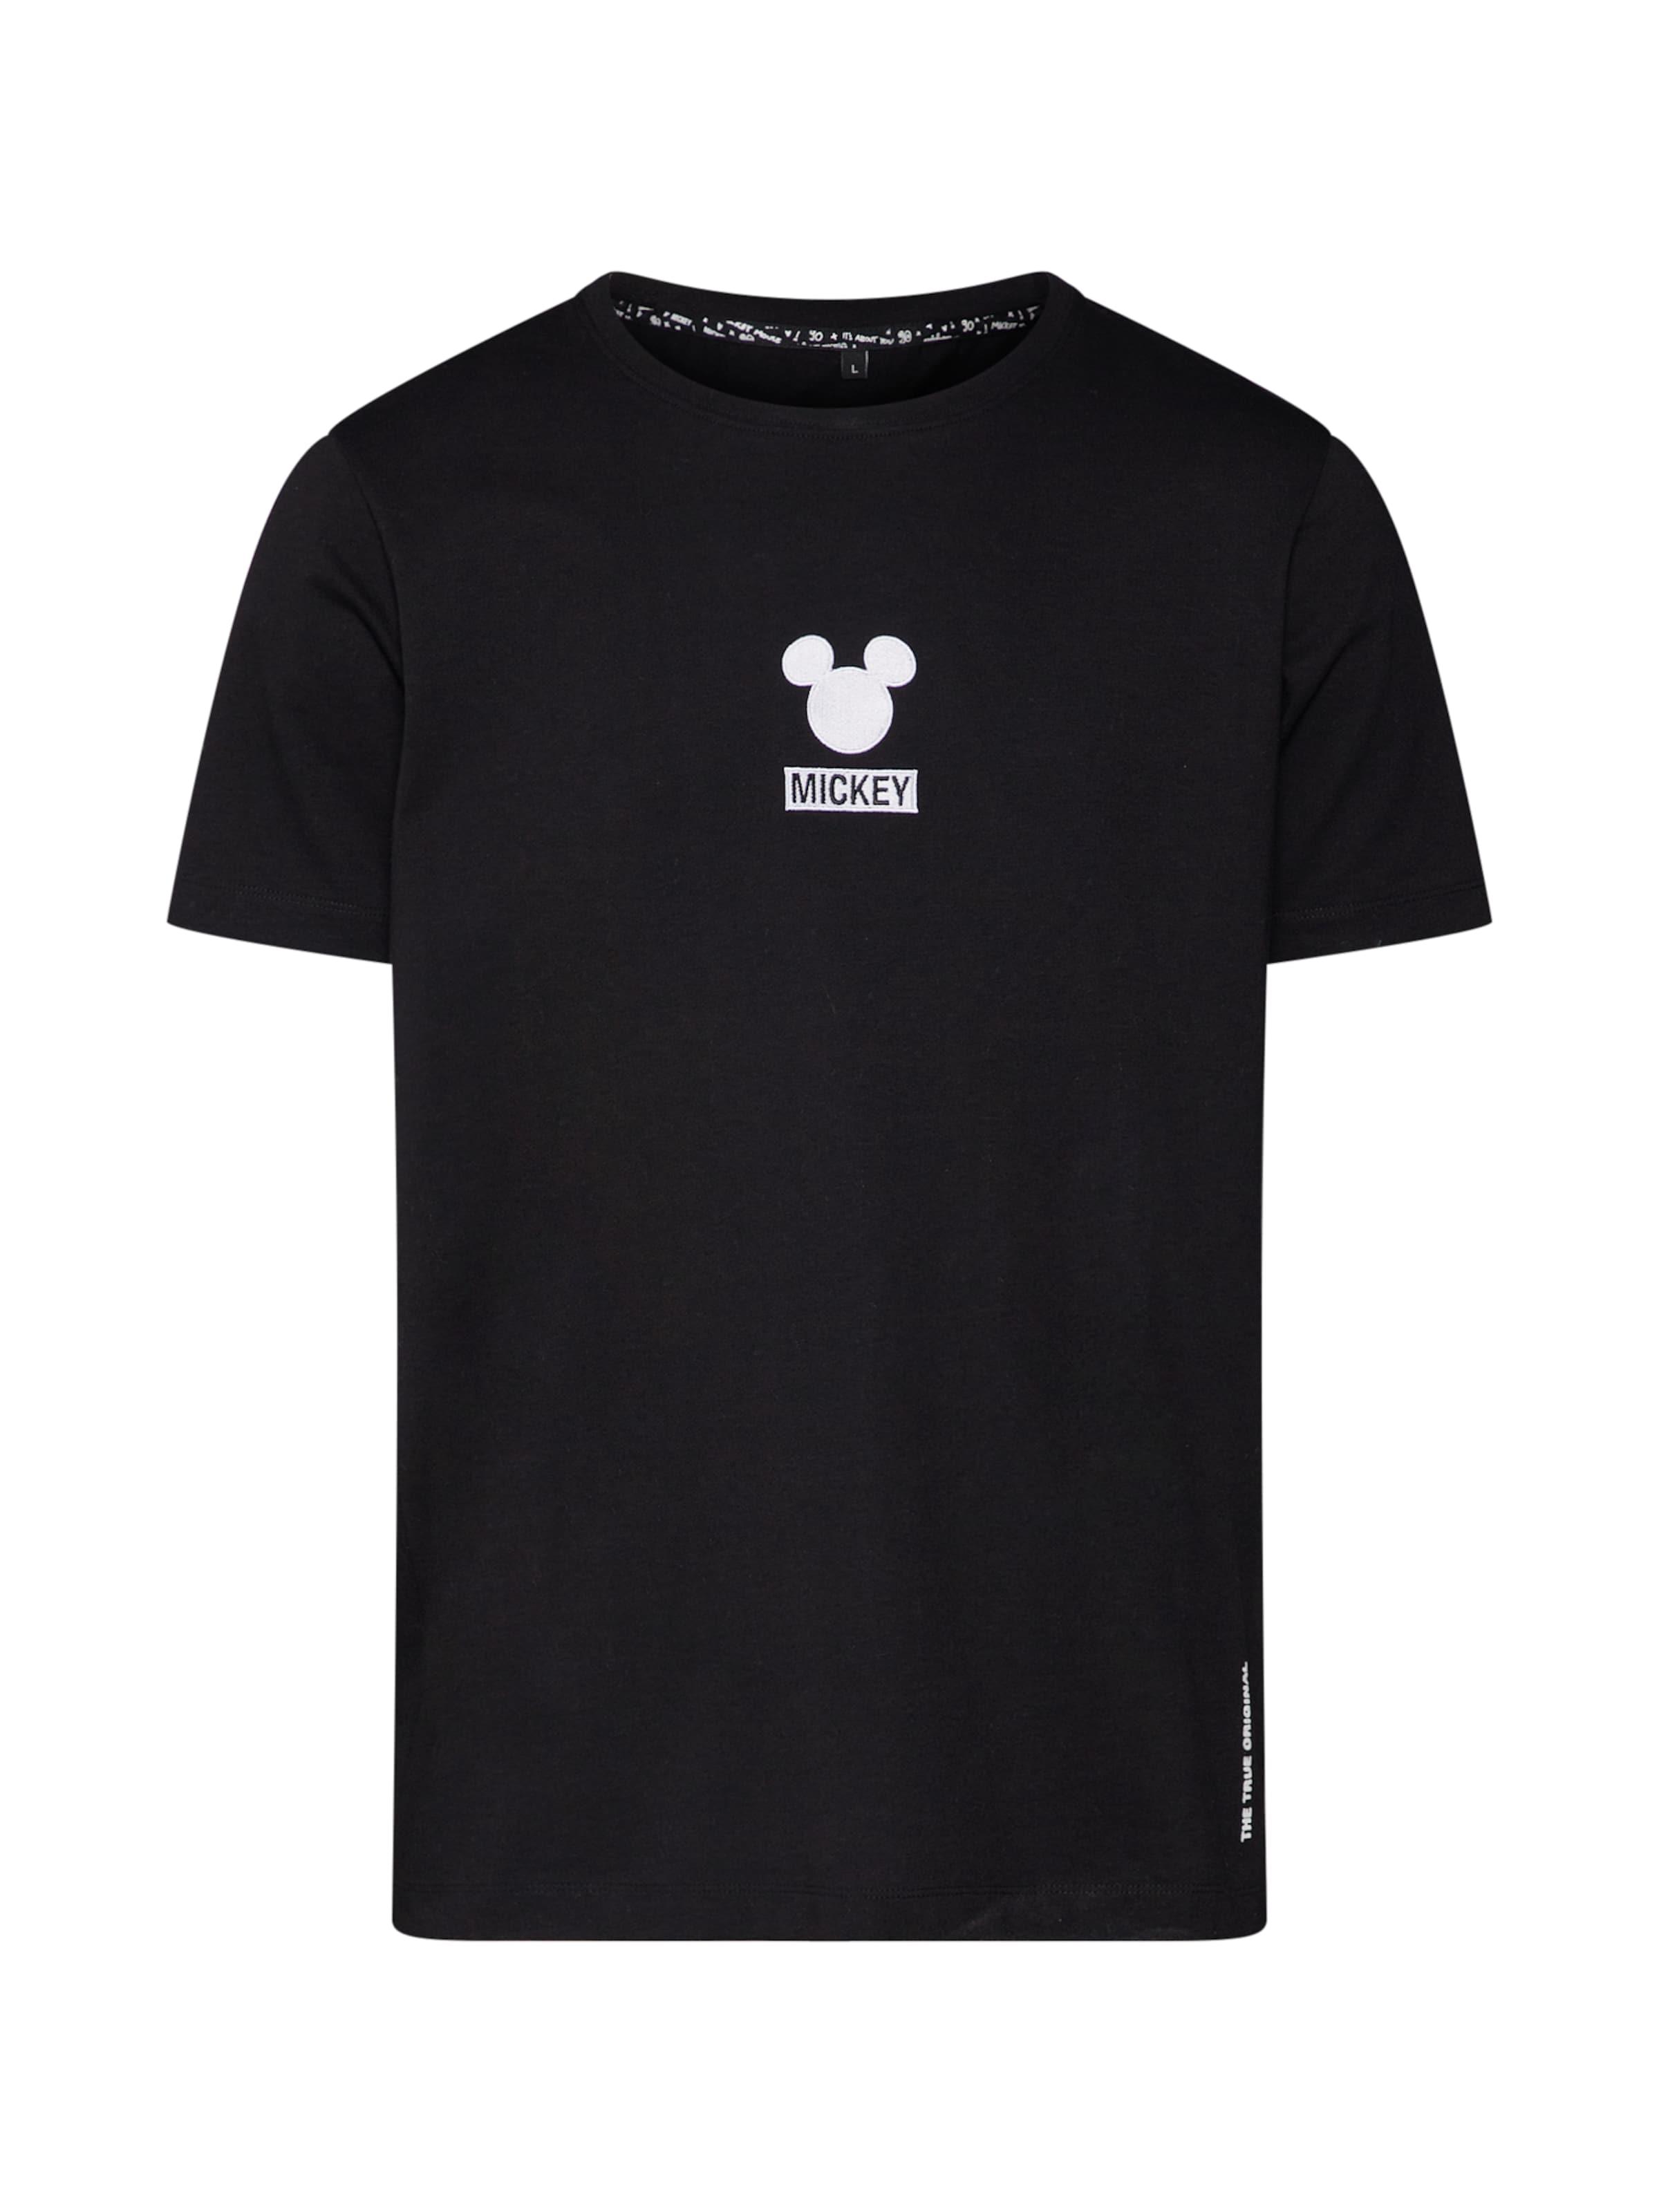 'davin' En About T shirt X Noir Disney You A5L3Rc4qj